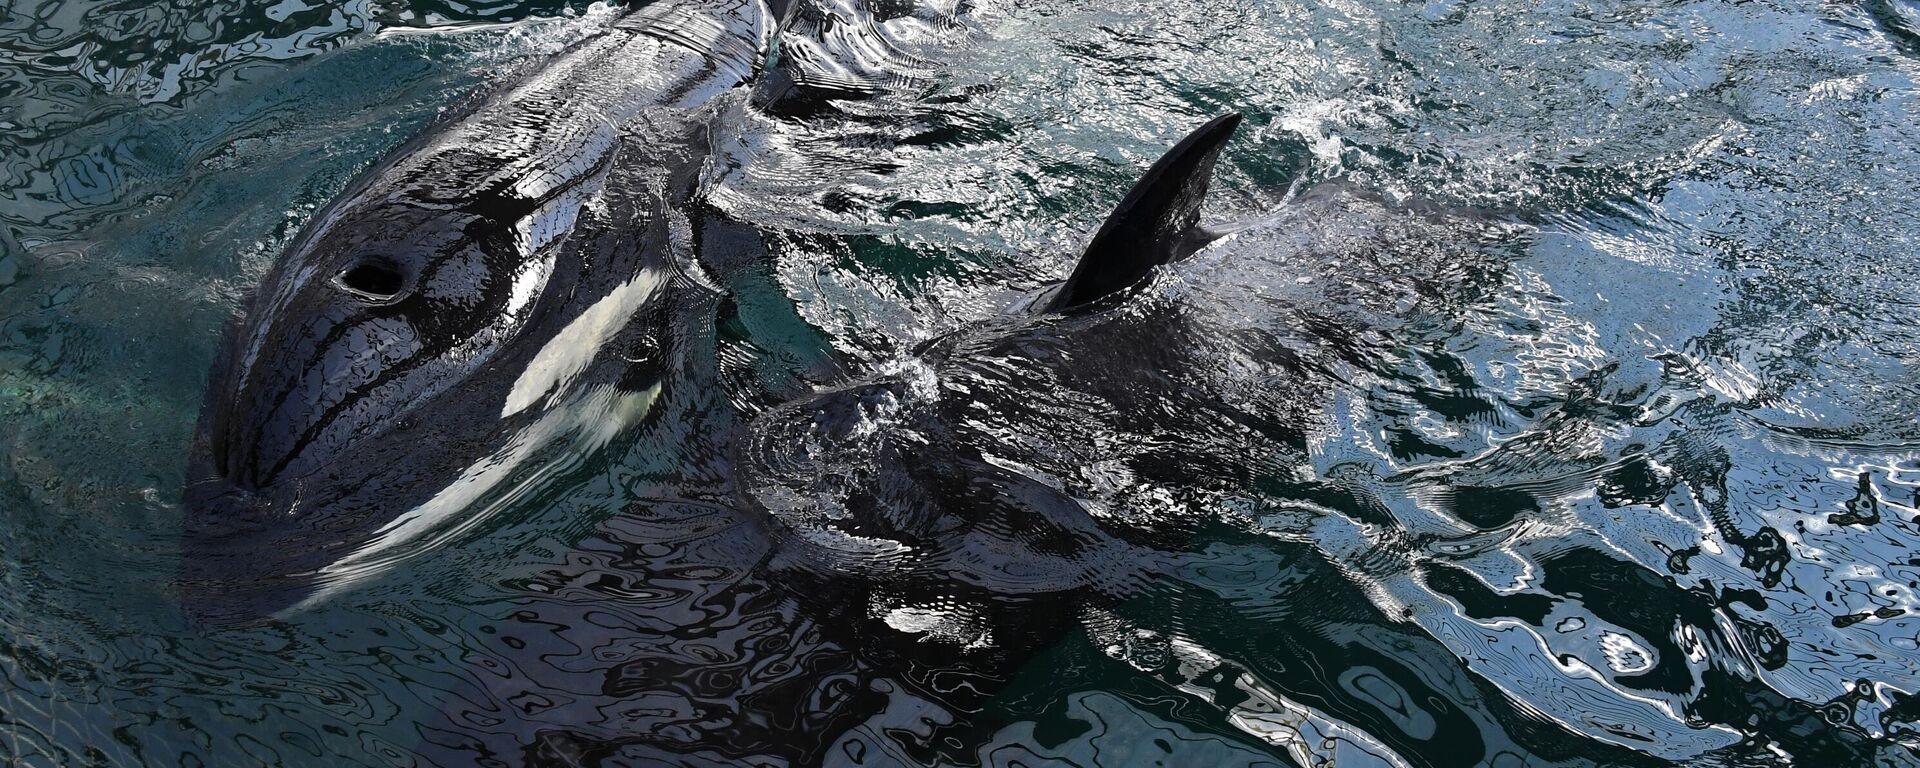 Orcas. Symbolfoto - SNA, 1920, 28.09.2021